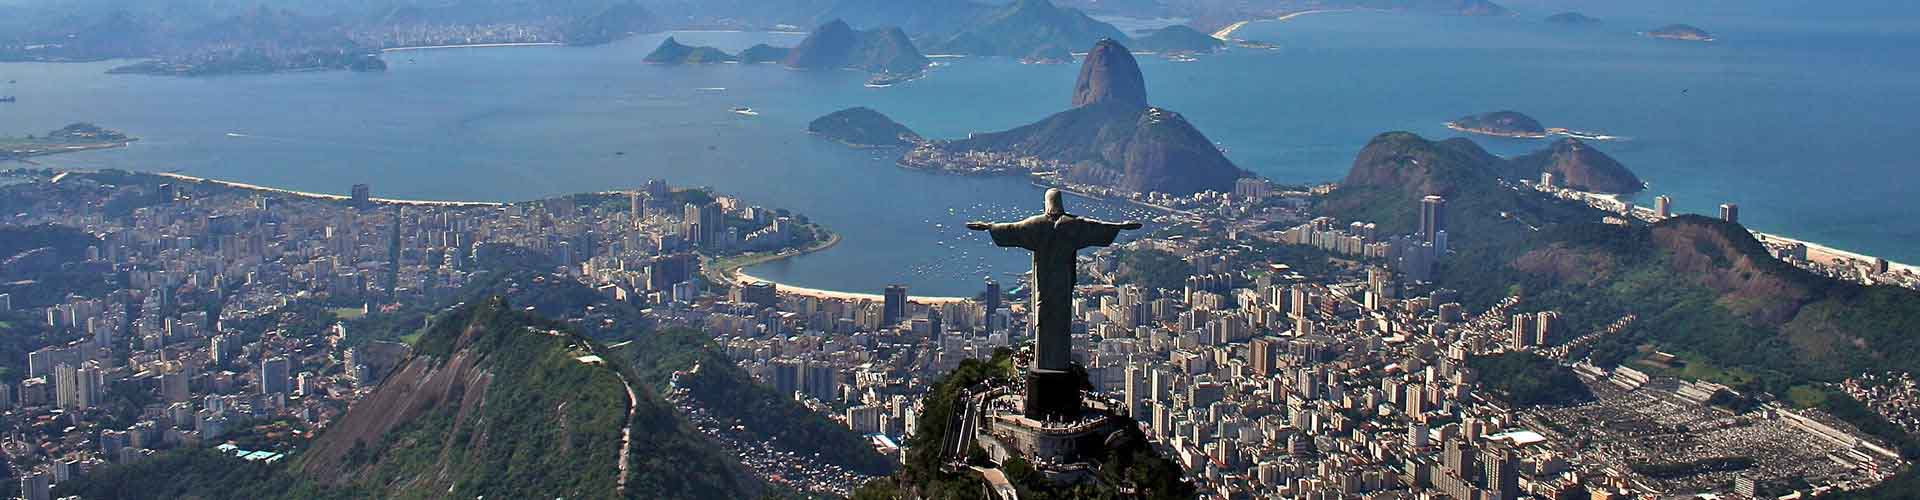 Rio de Janeiro – Hostels in Rio de Janeiro. Rio de Janeiro auf der Karte. Fotos und Bewertungen für jedes Hostel in Rio de Janeiro.